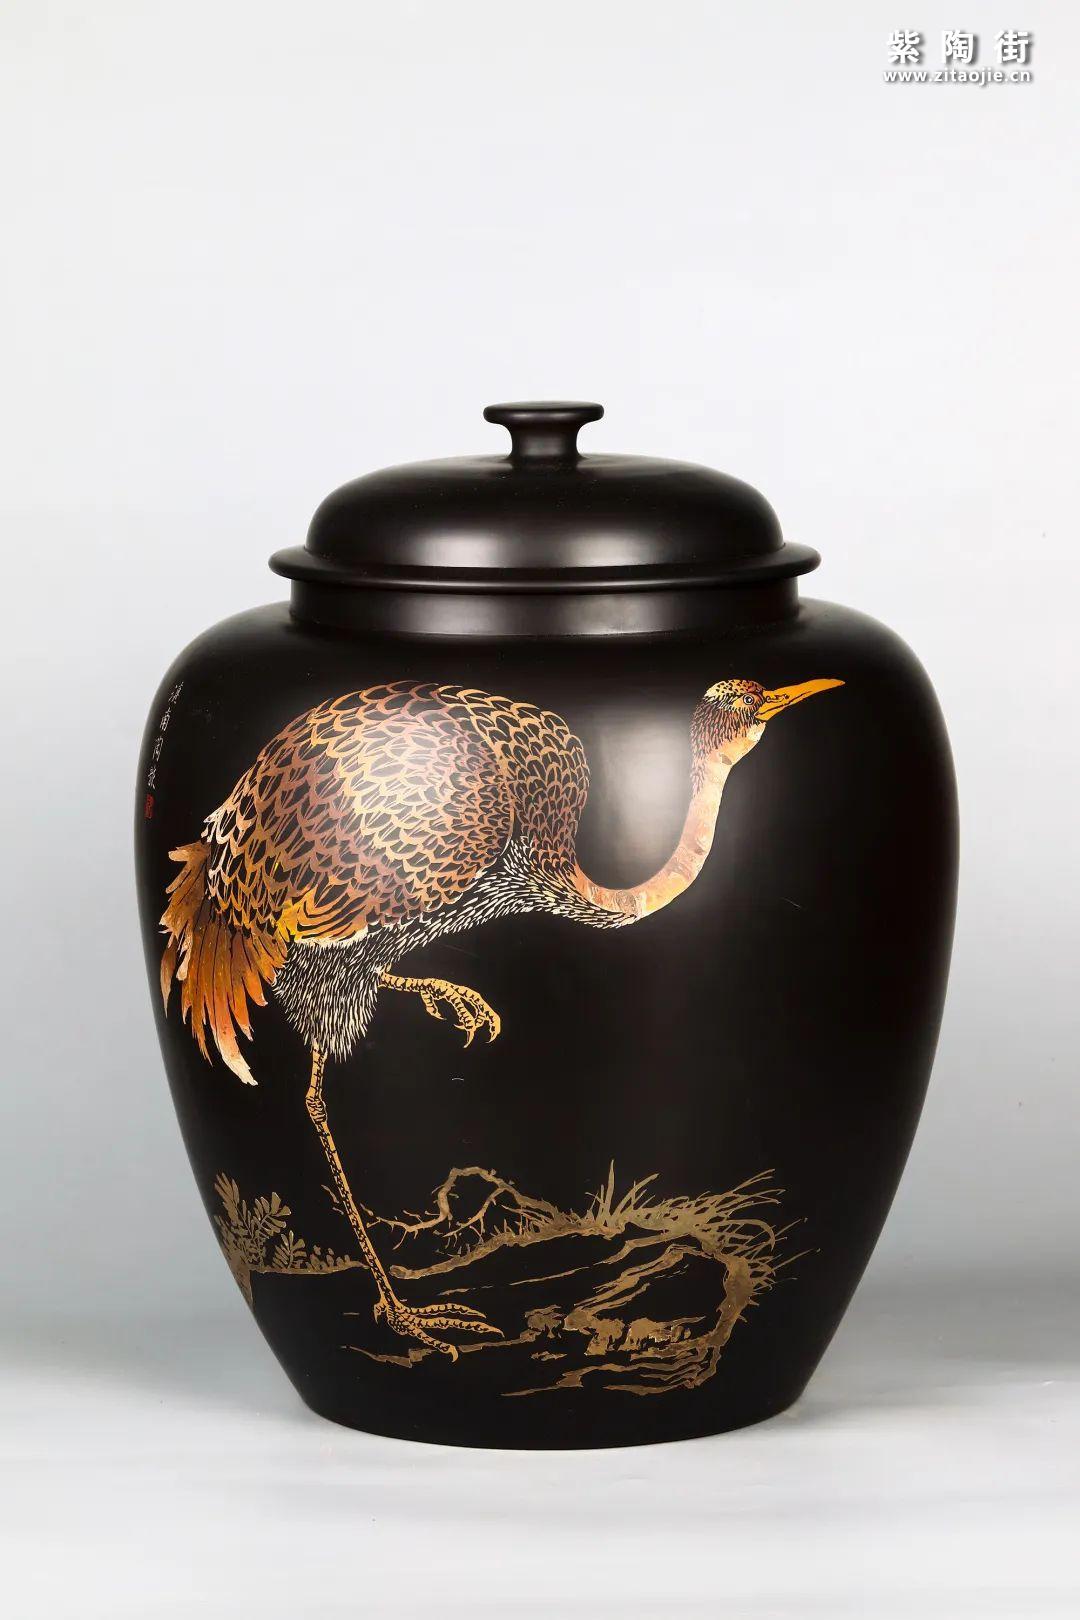 花鸟装饰的建水紫陶茶缸插图19